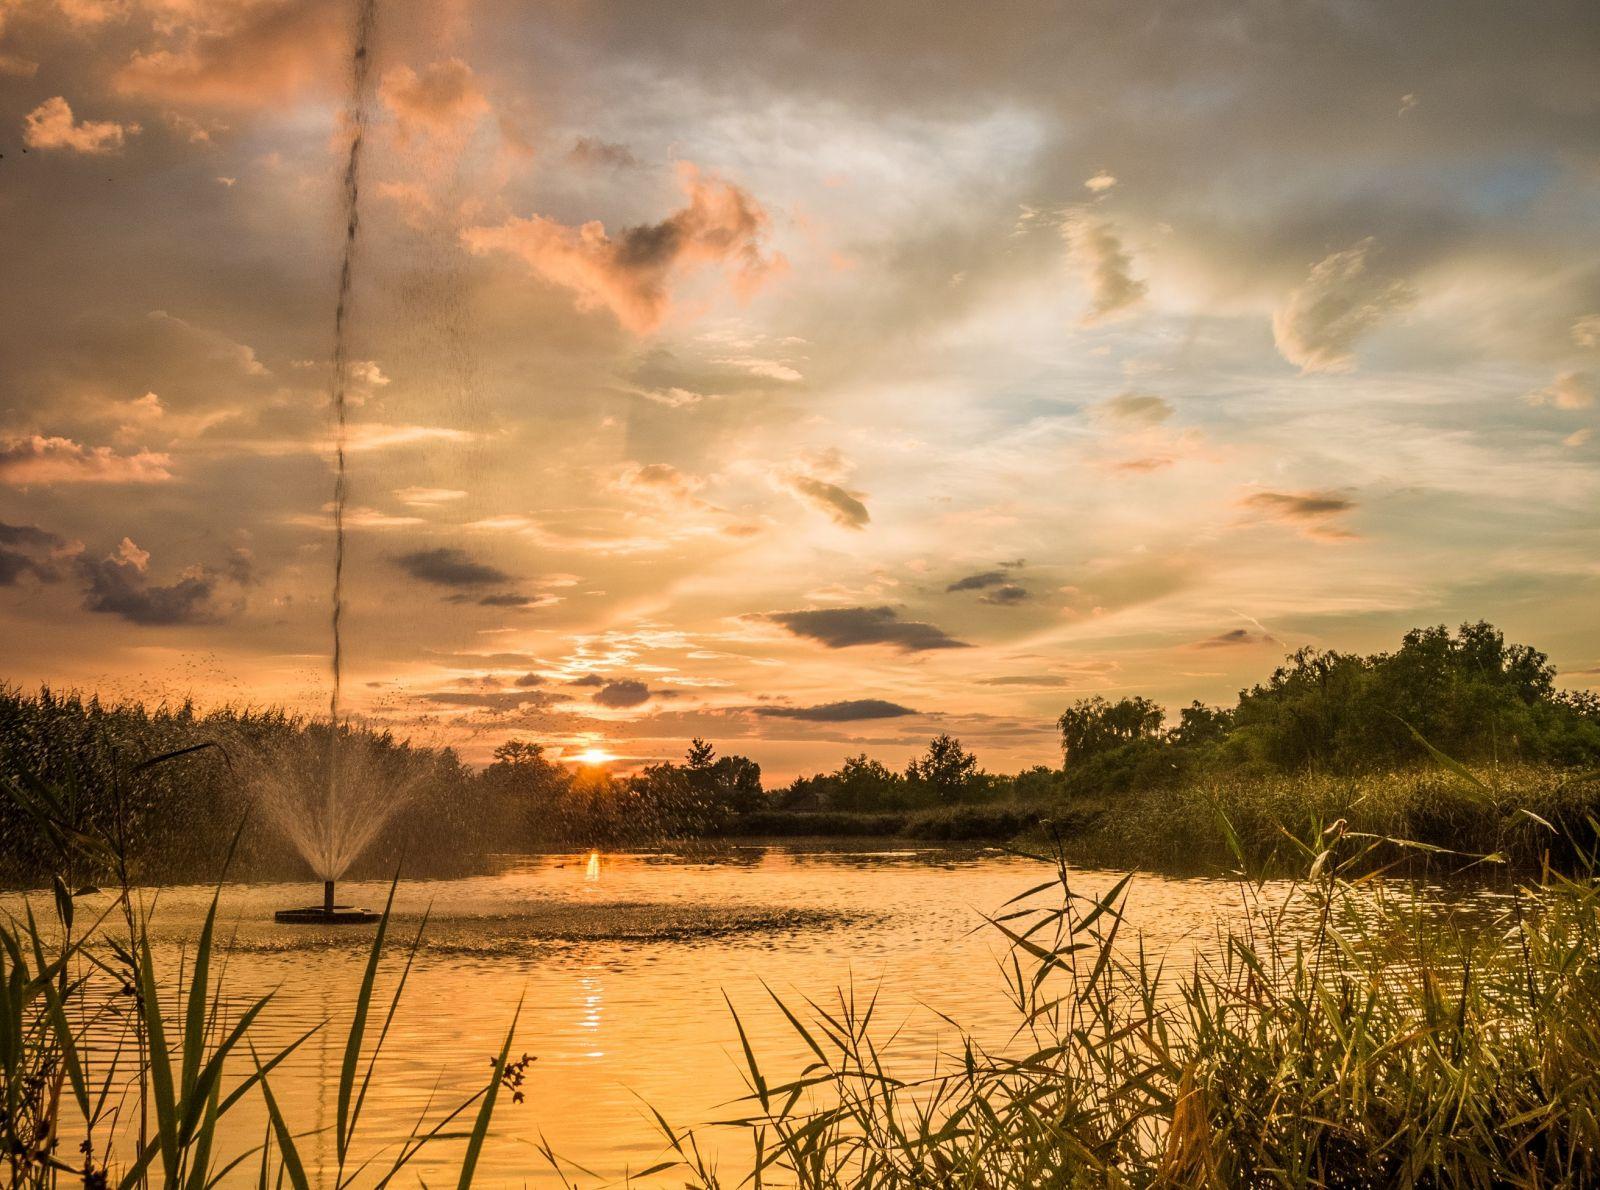 A hónap képe - Készítette: Kis-tói idill